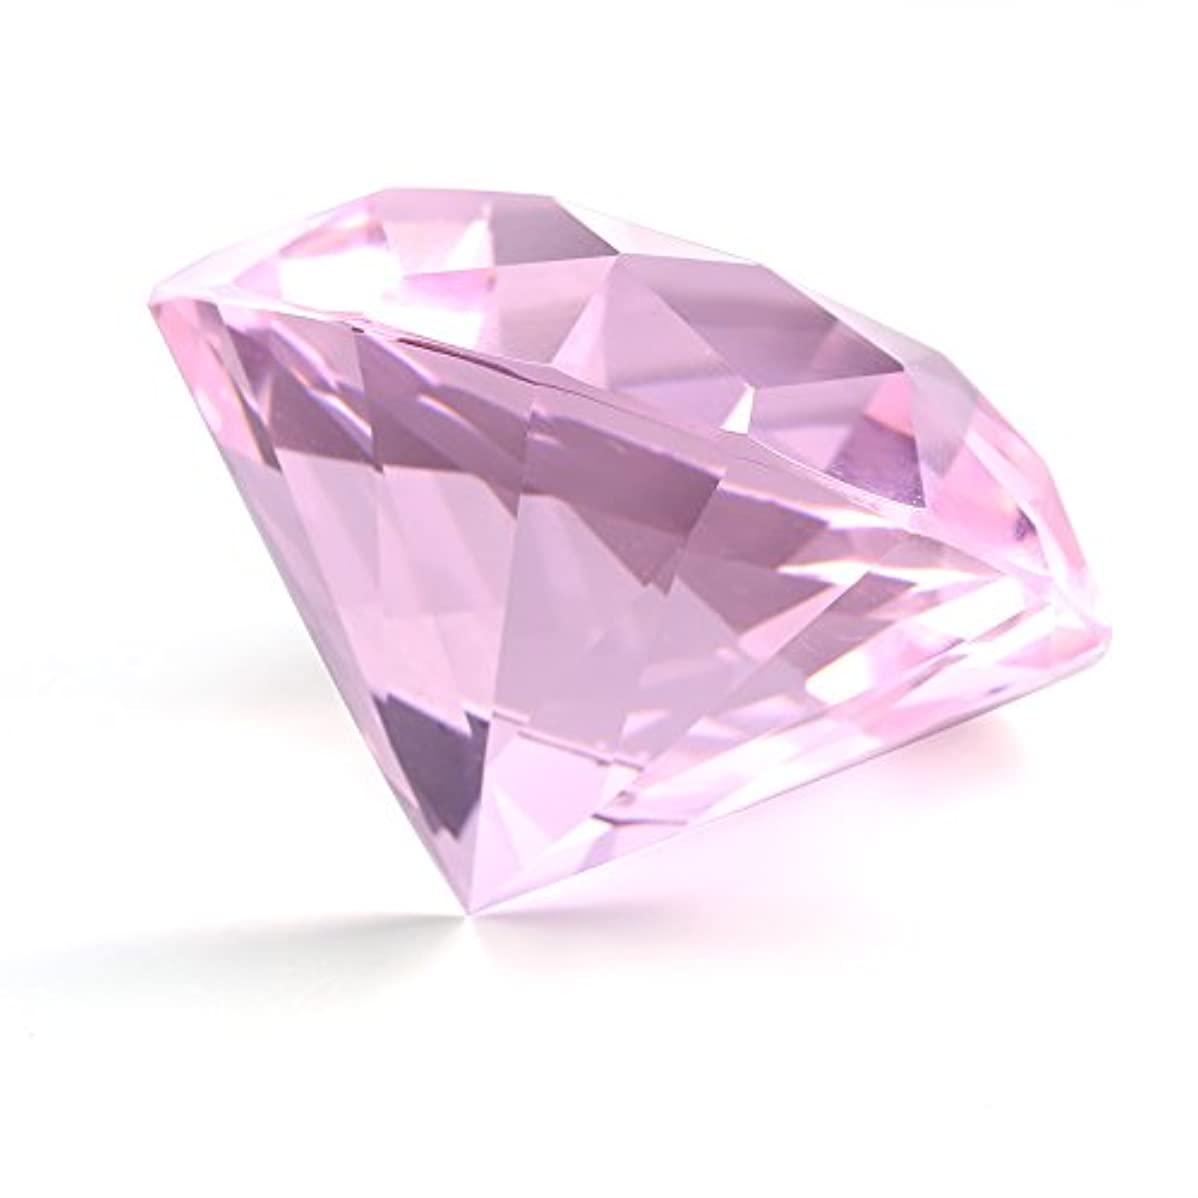 誇りに思うどれ鎮痛剤2色 ネイルアート ディスプレイガラス、クリスタルダイヤモンドハンドモデル撮影飾りマニキュアアクセサリー(1)